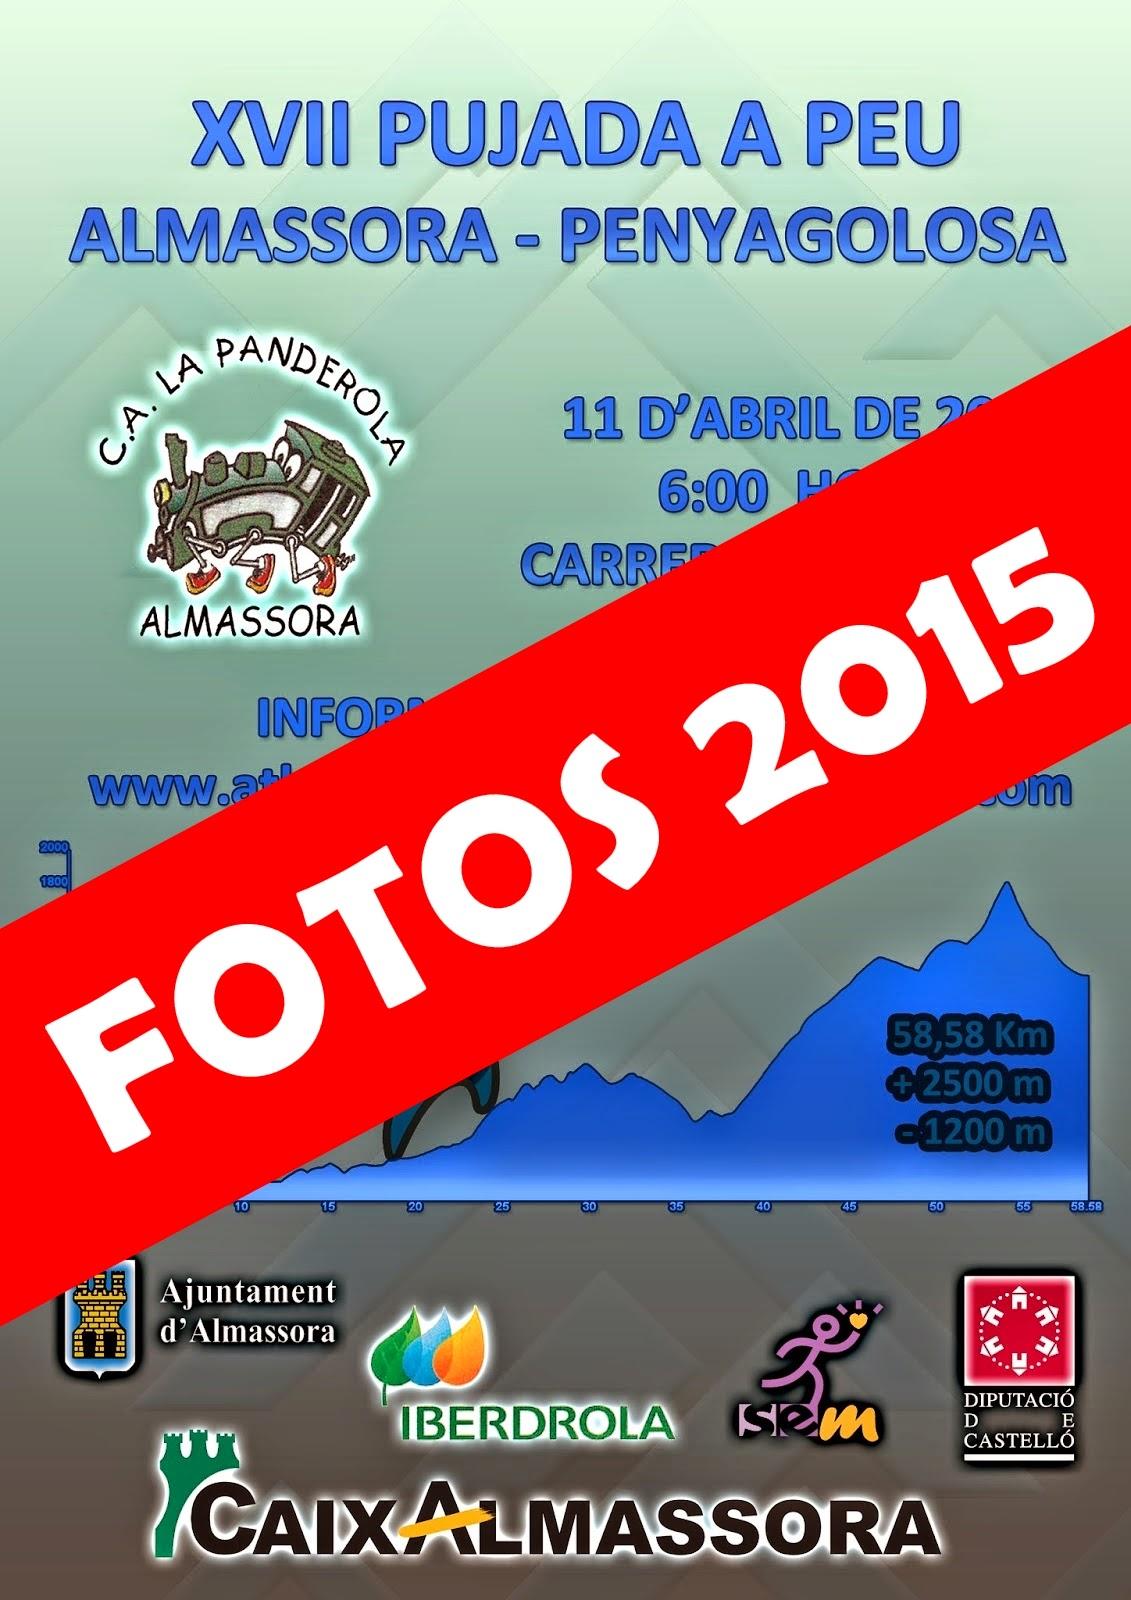 FOTOS XVII PUJADA A PEU ALMASSORA-PENYAGOLOSA 2015